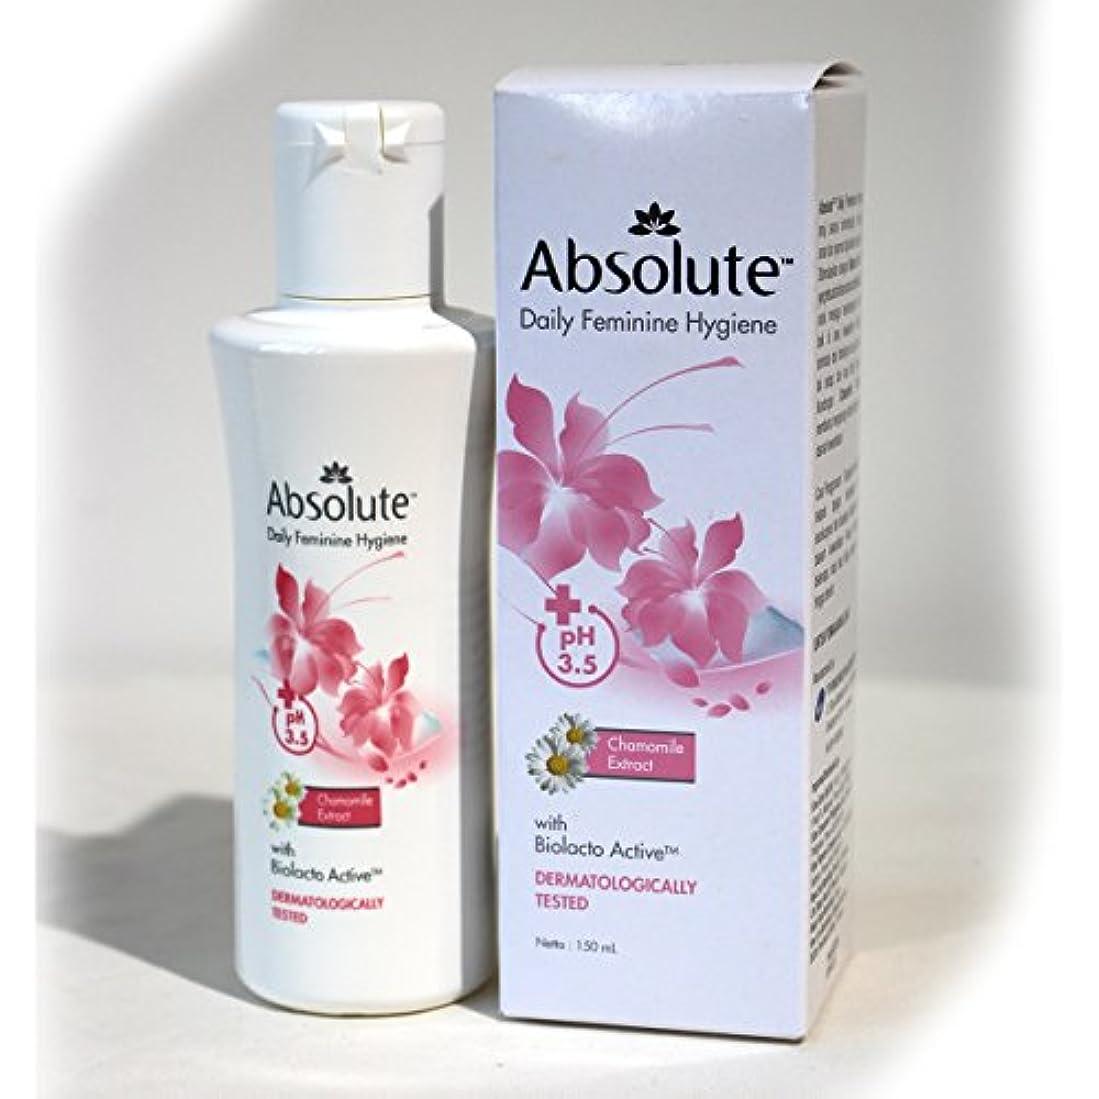 緊張プレミアム階段Absolute(アブソリュート)女性用液体ソープ 150ml [並行輸入品][海外直送品]